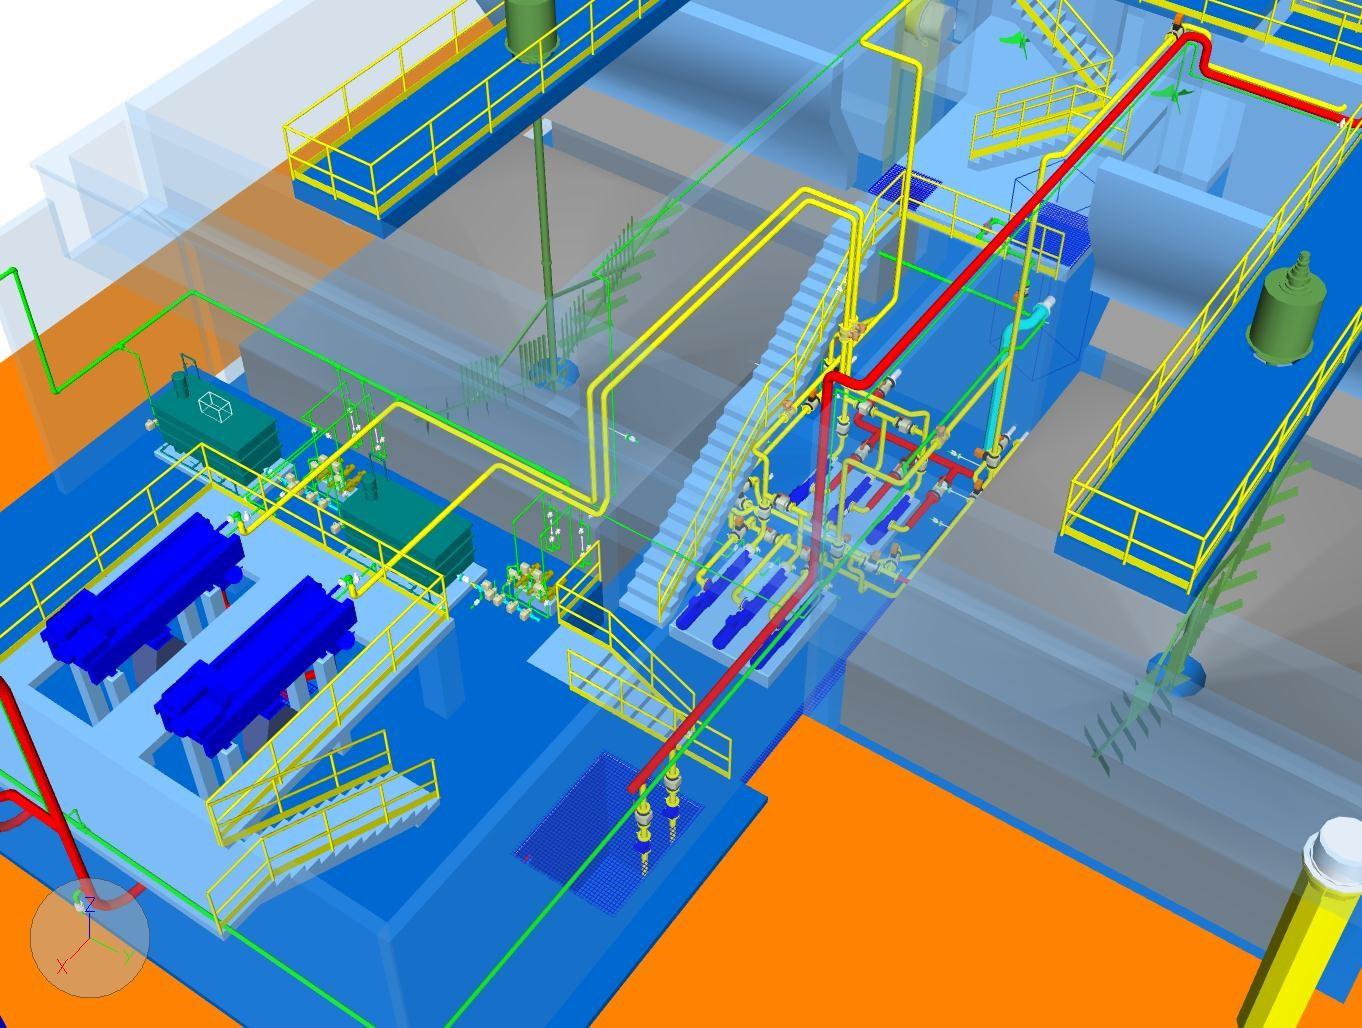 tuberías autocad plant 3d plantas industriales